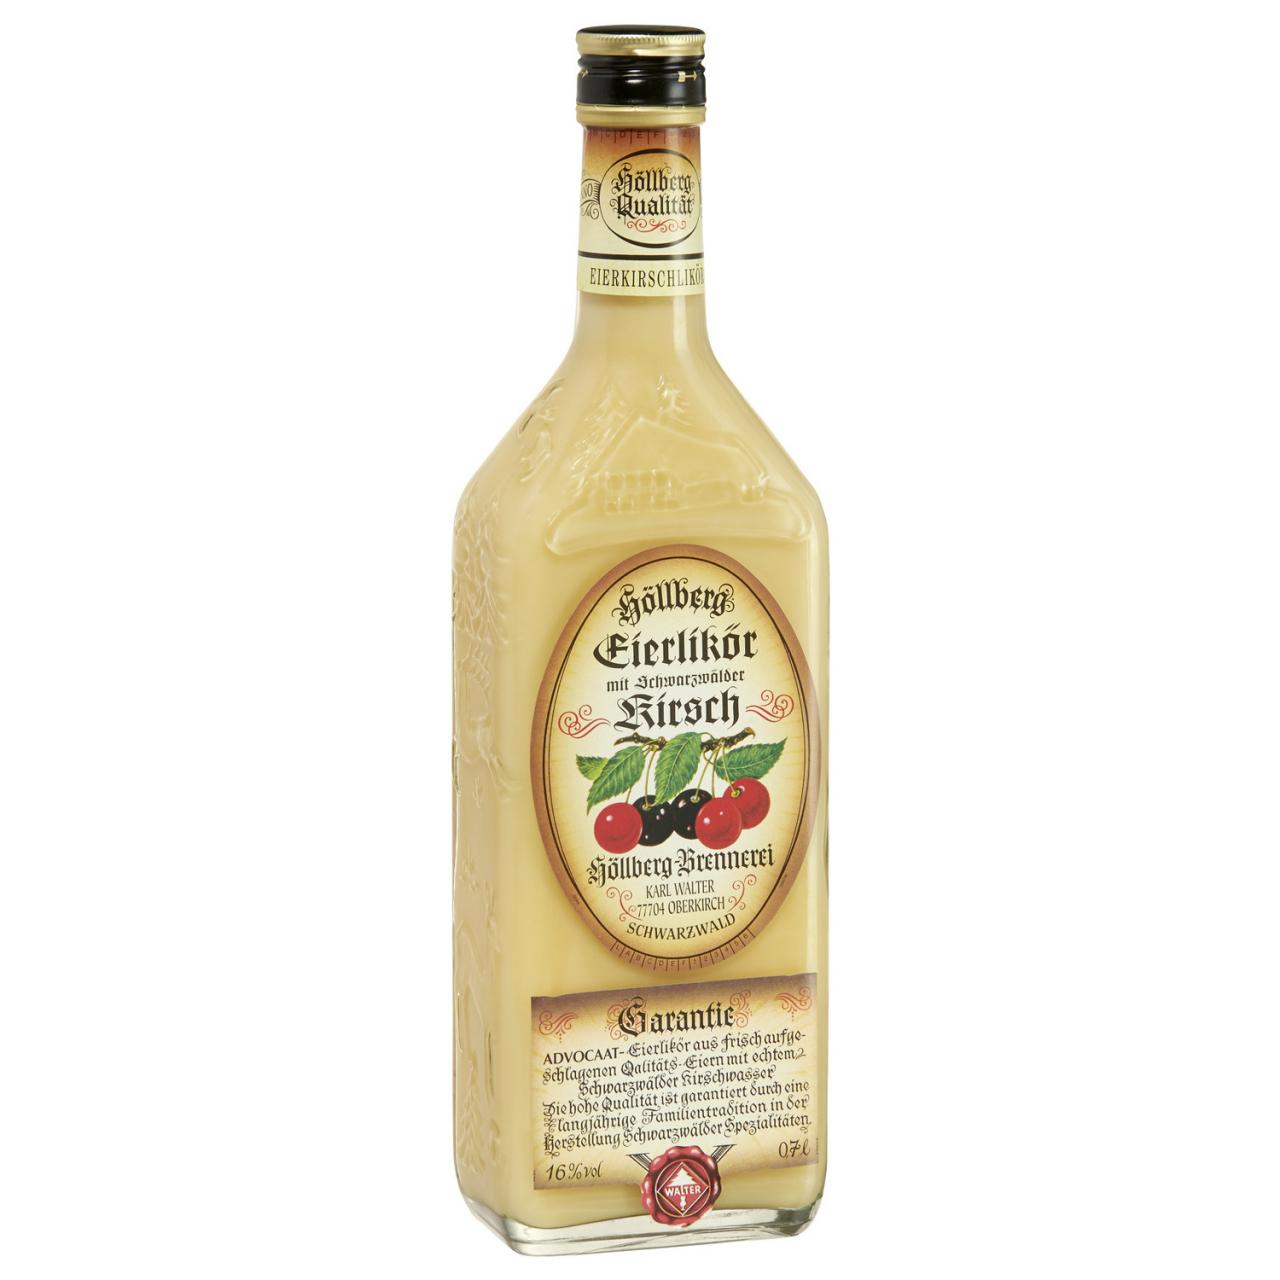 0,7 Liter Flasche Höllberg Eier-Kirsch-Likör mit einem Alkoholgehalt von 16% vol.